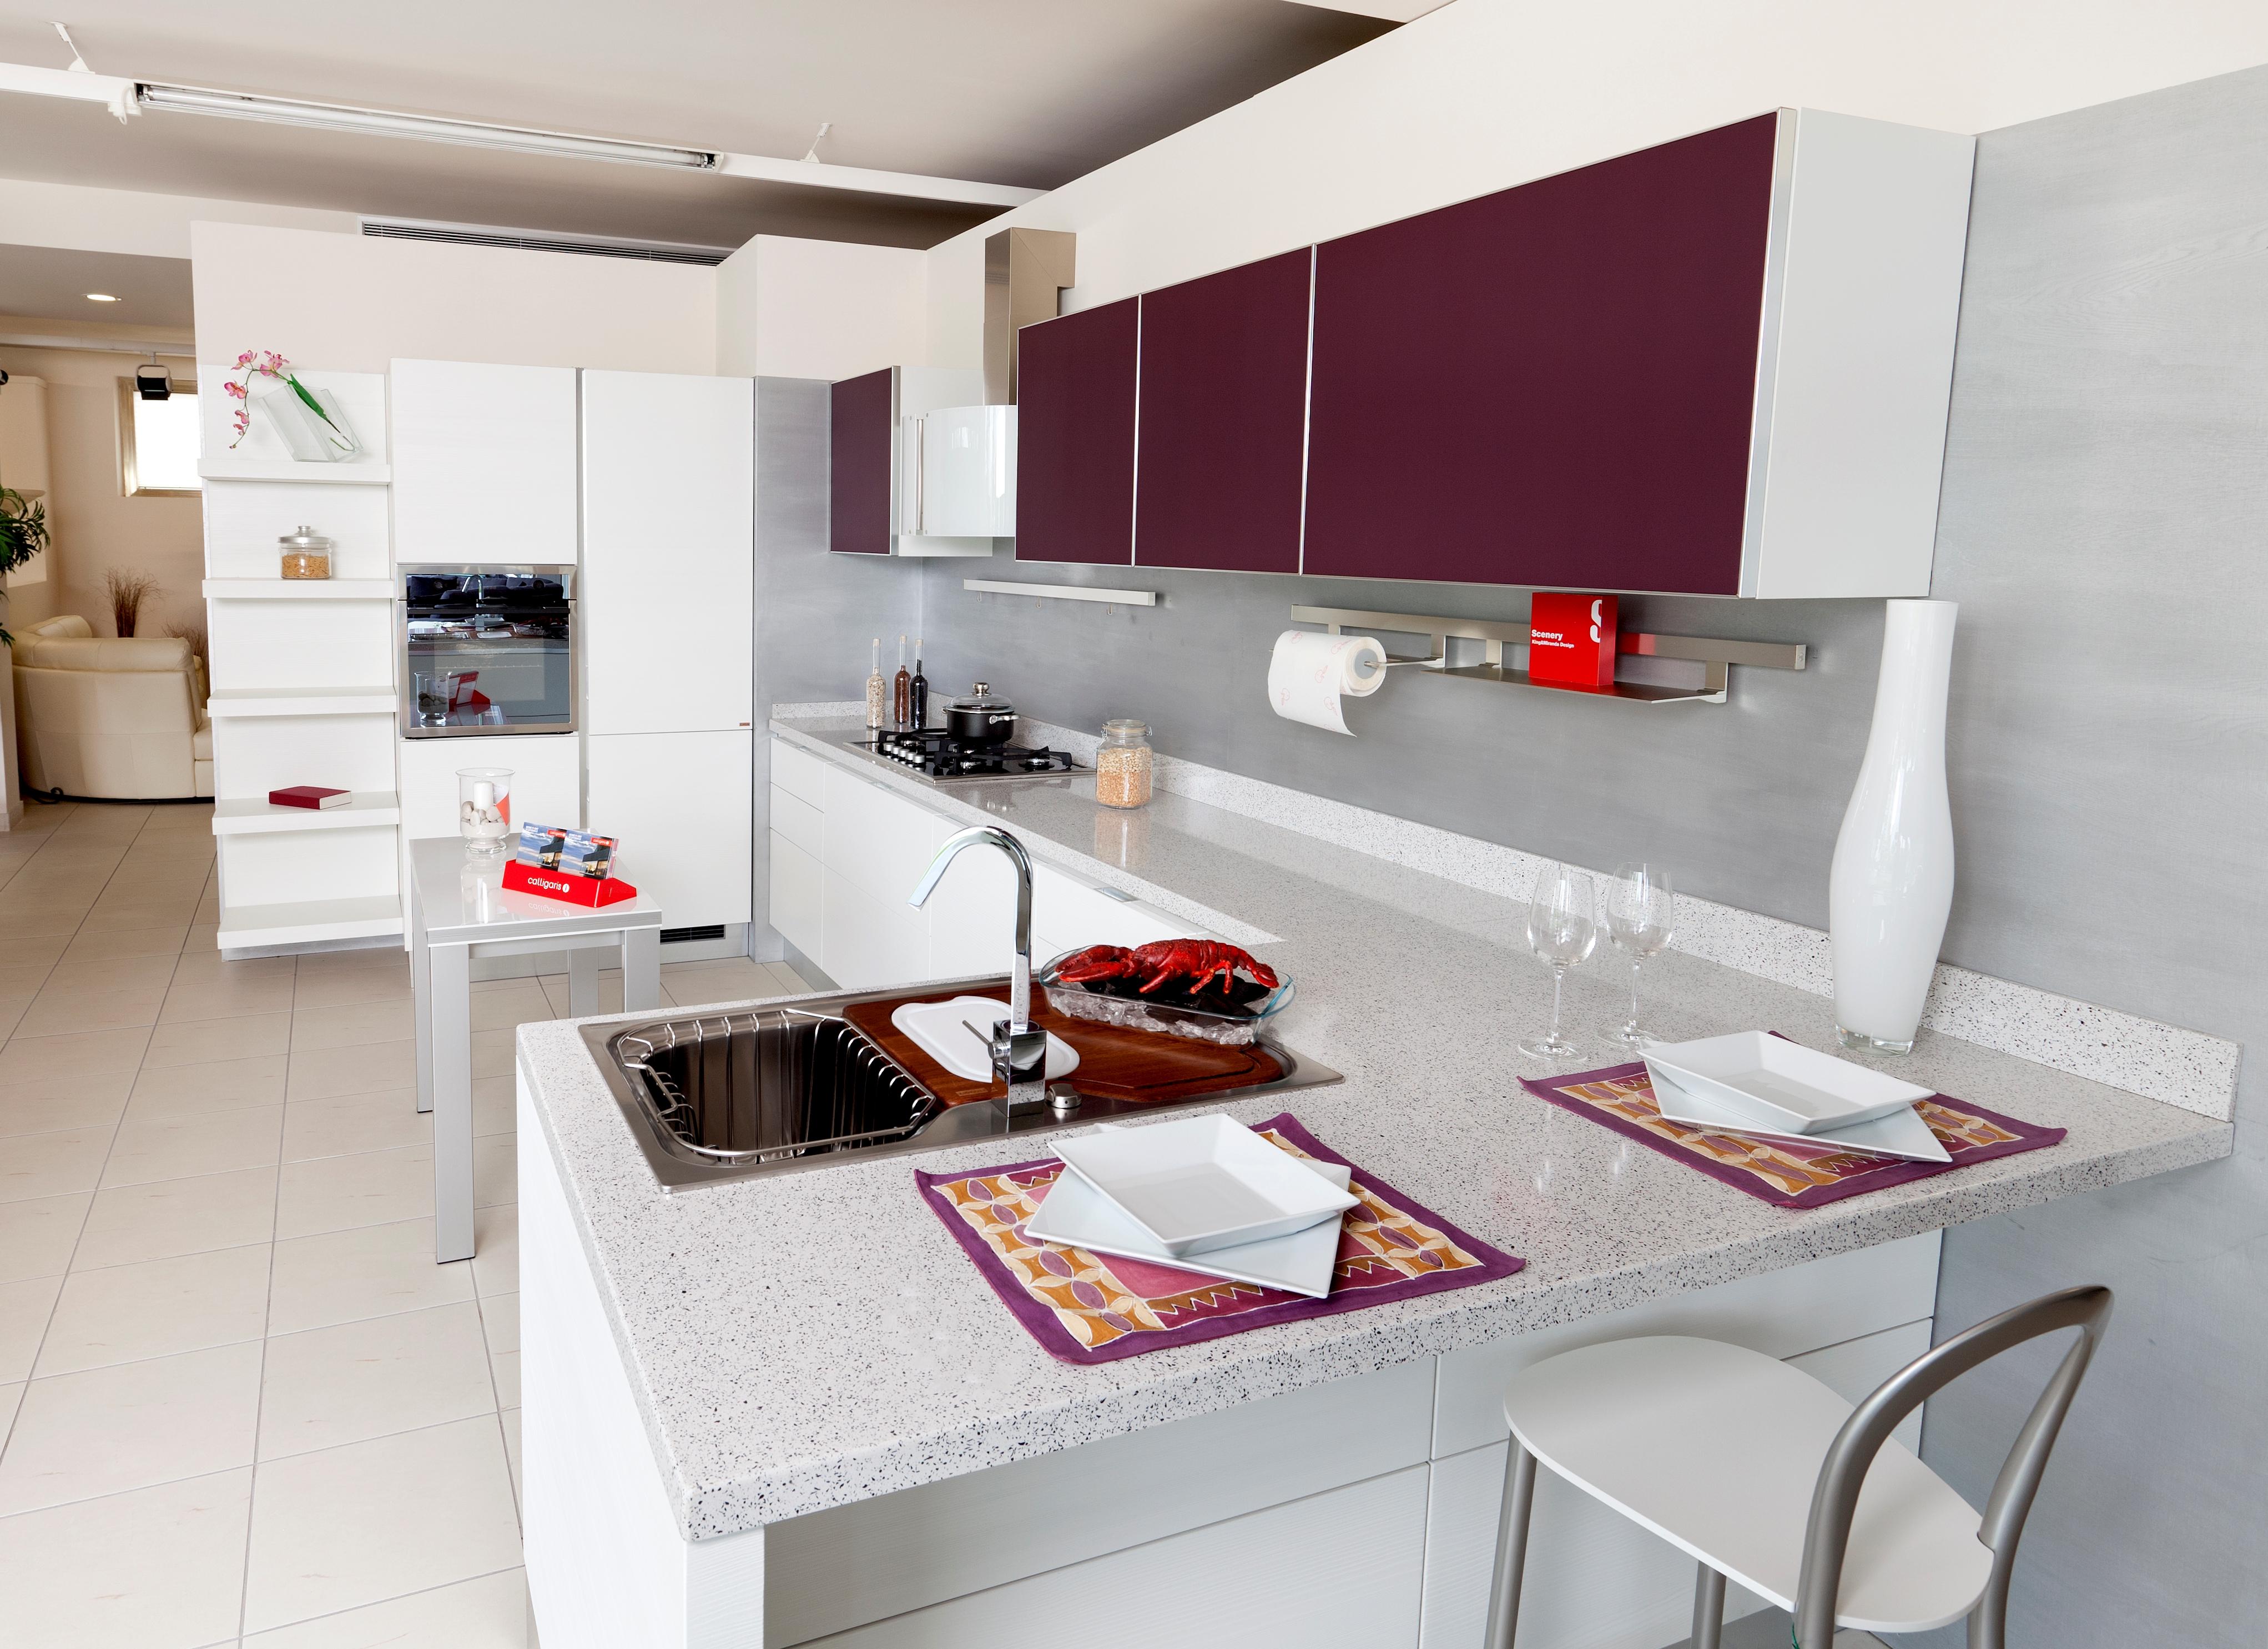 Cucina scavolini offerta 14427 cucine a prezzi scontati for Scavolini prezzi